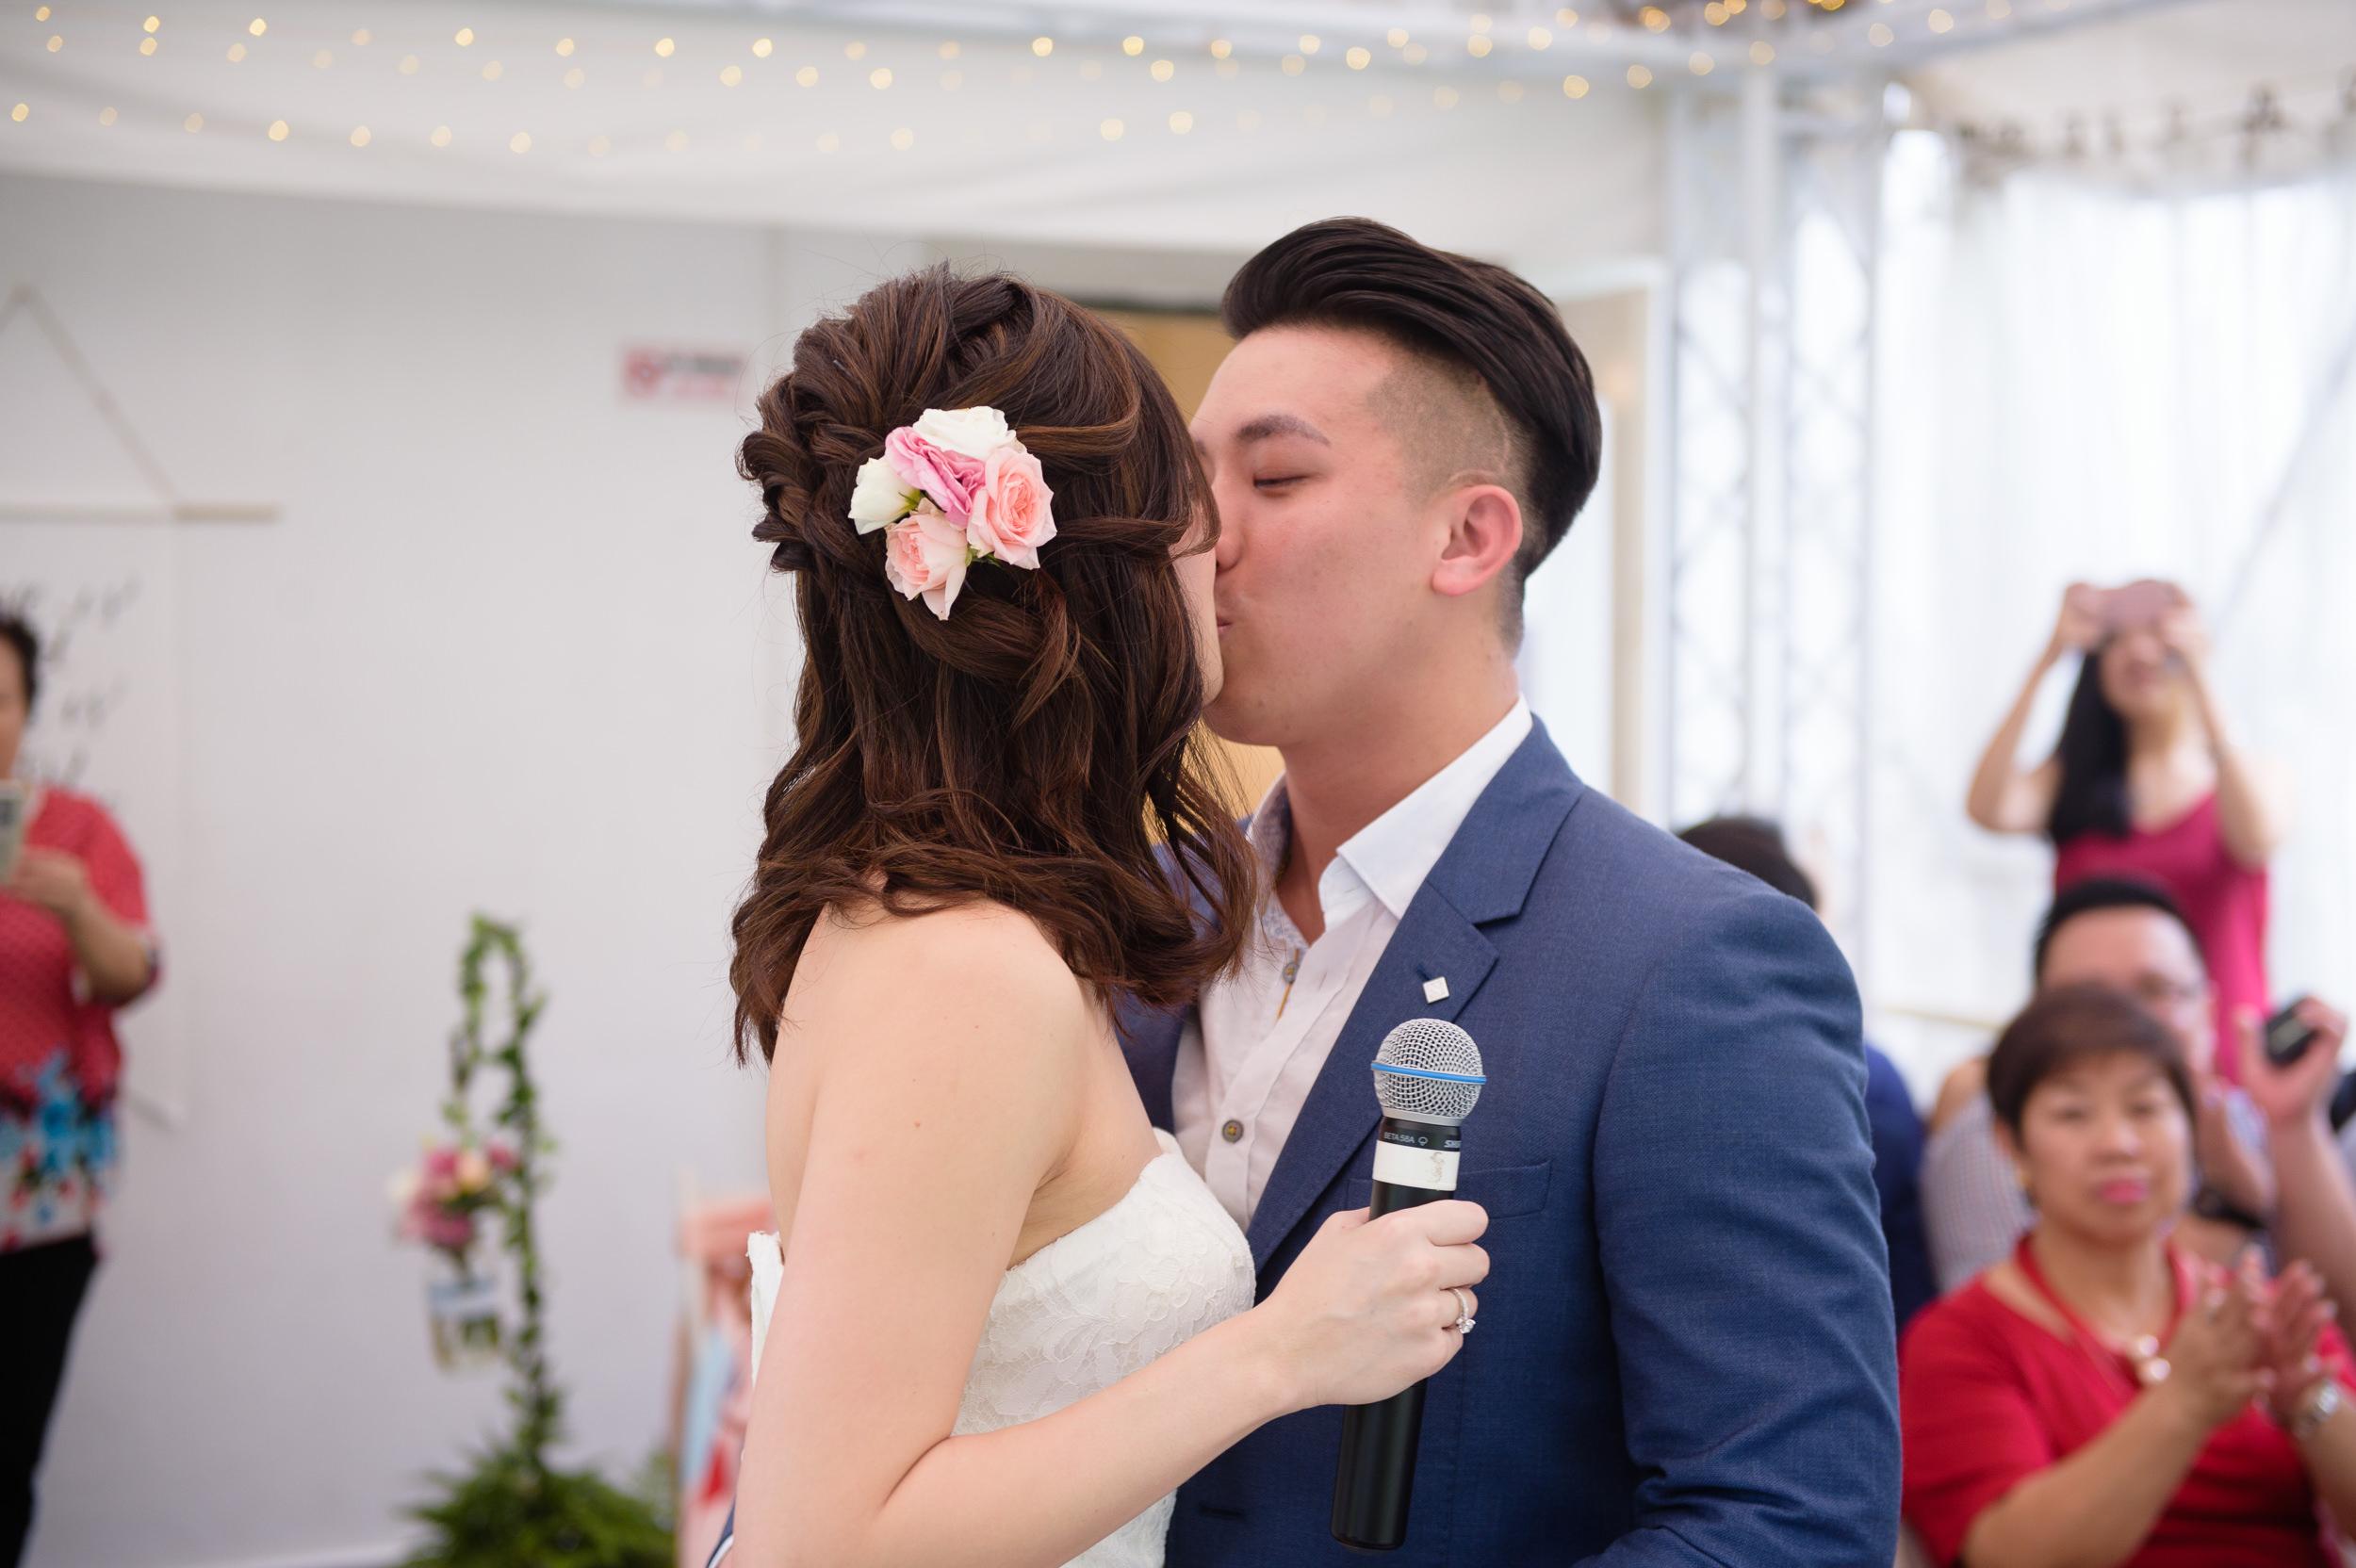 Wedding kissing couple Singapore